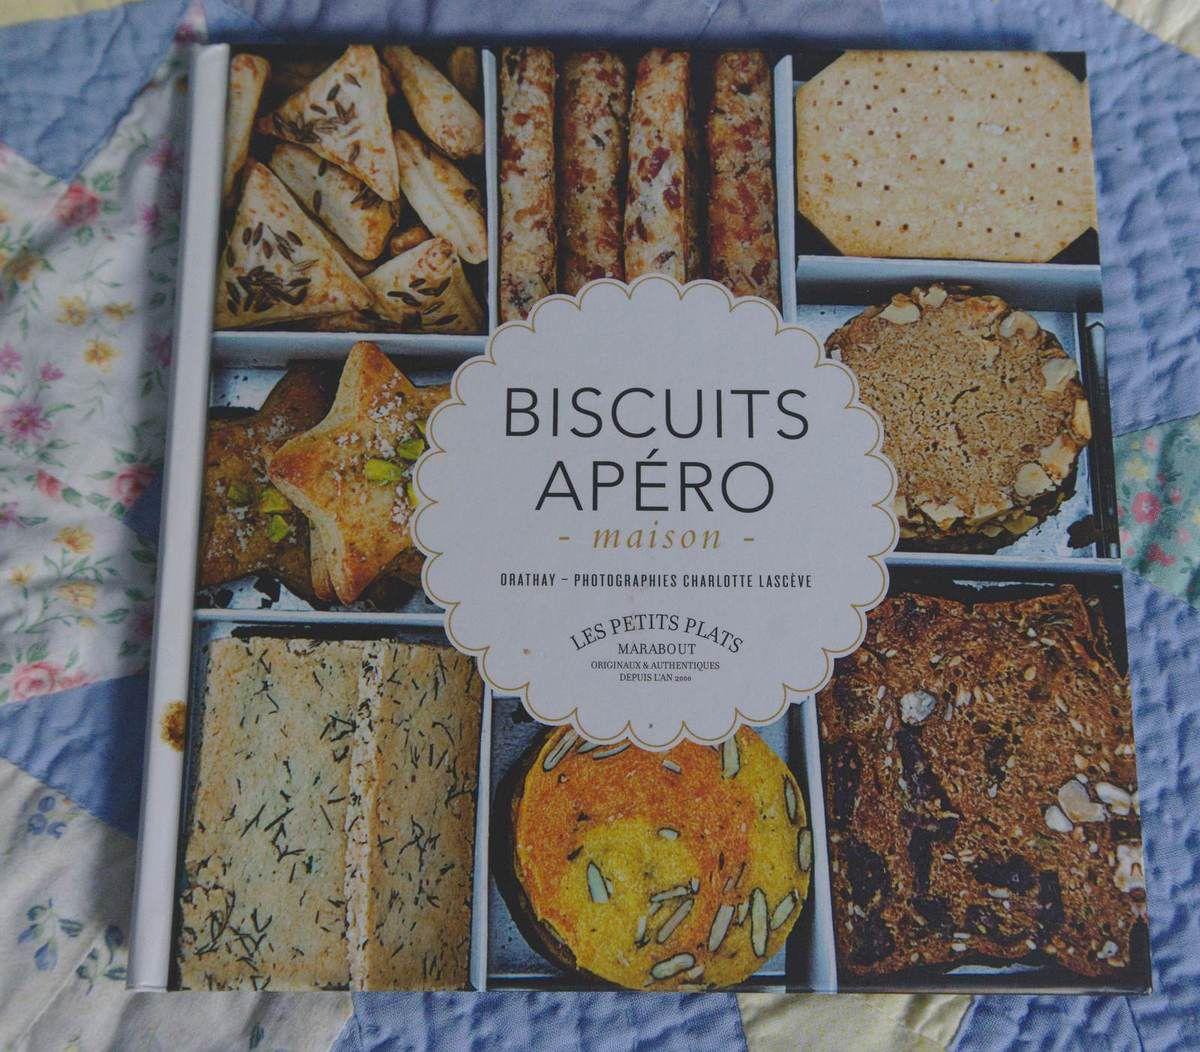 une ribambelle d'histoires, biscuits apéro maison, les petits plats marabout, torsades à la sauge